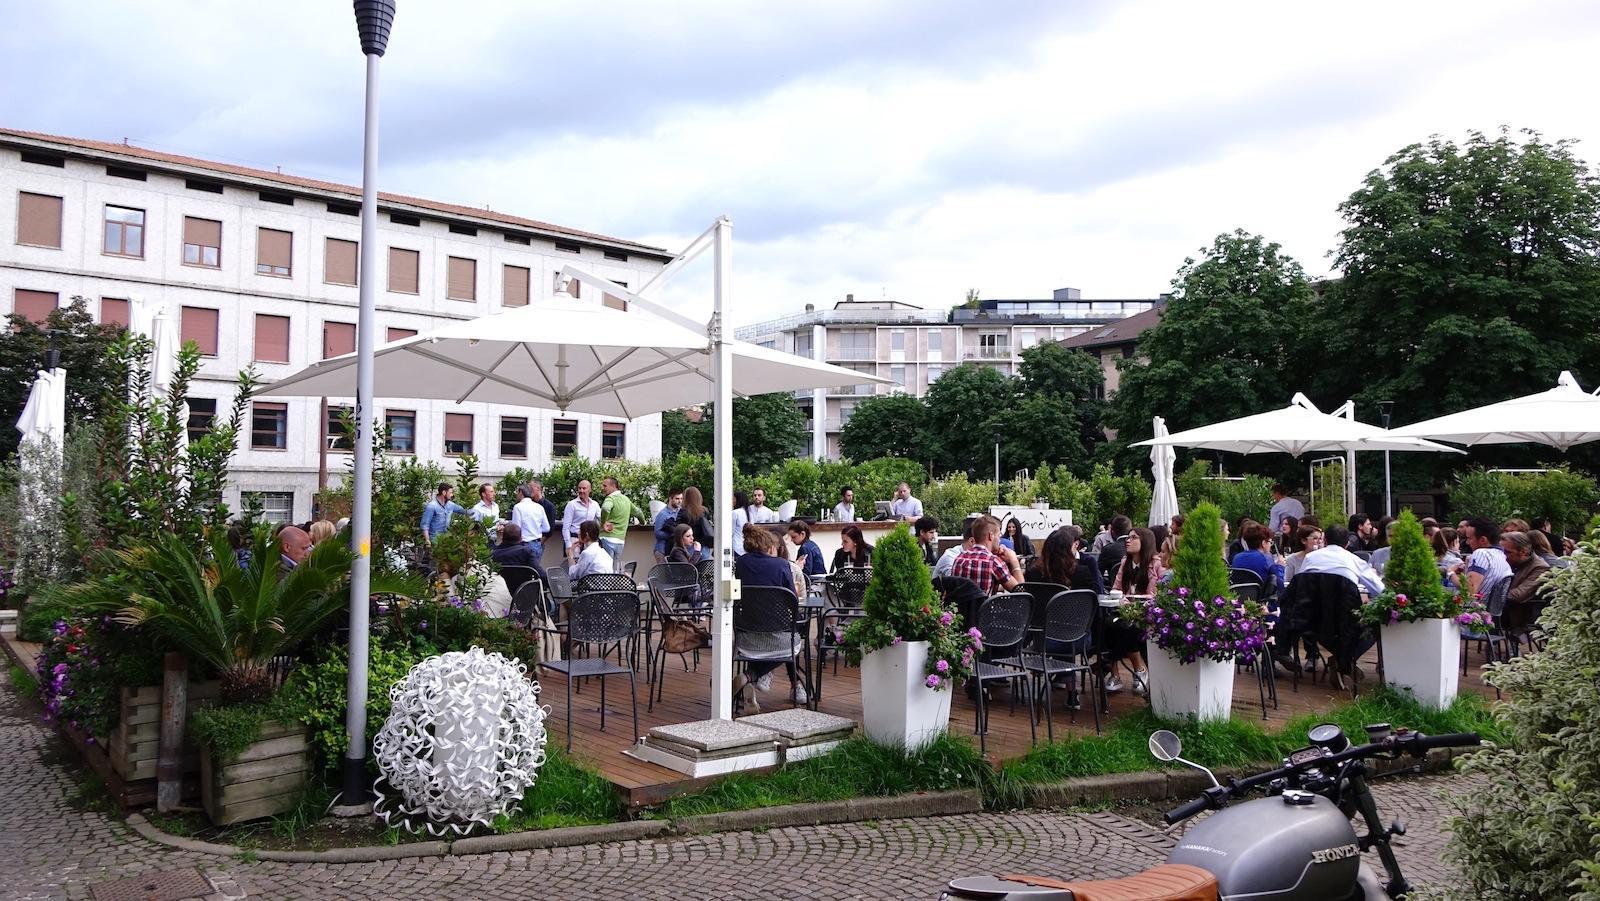 Aperitivo bergamo ristorante ai giardini - Giardini bergamo ...